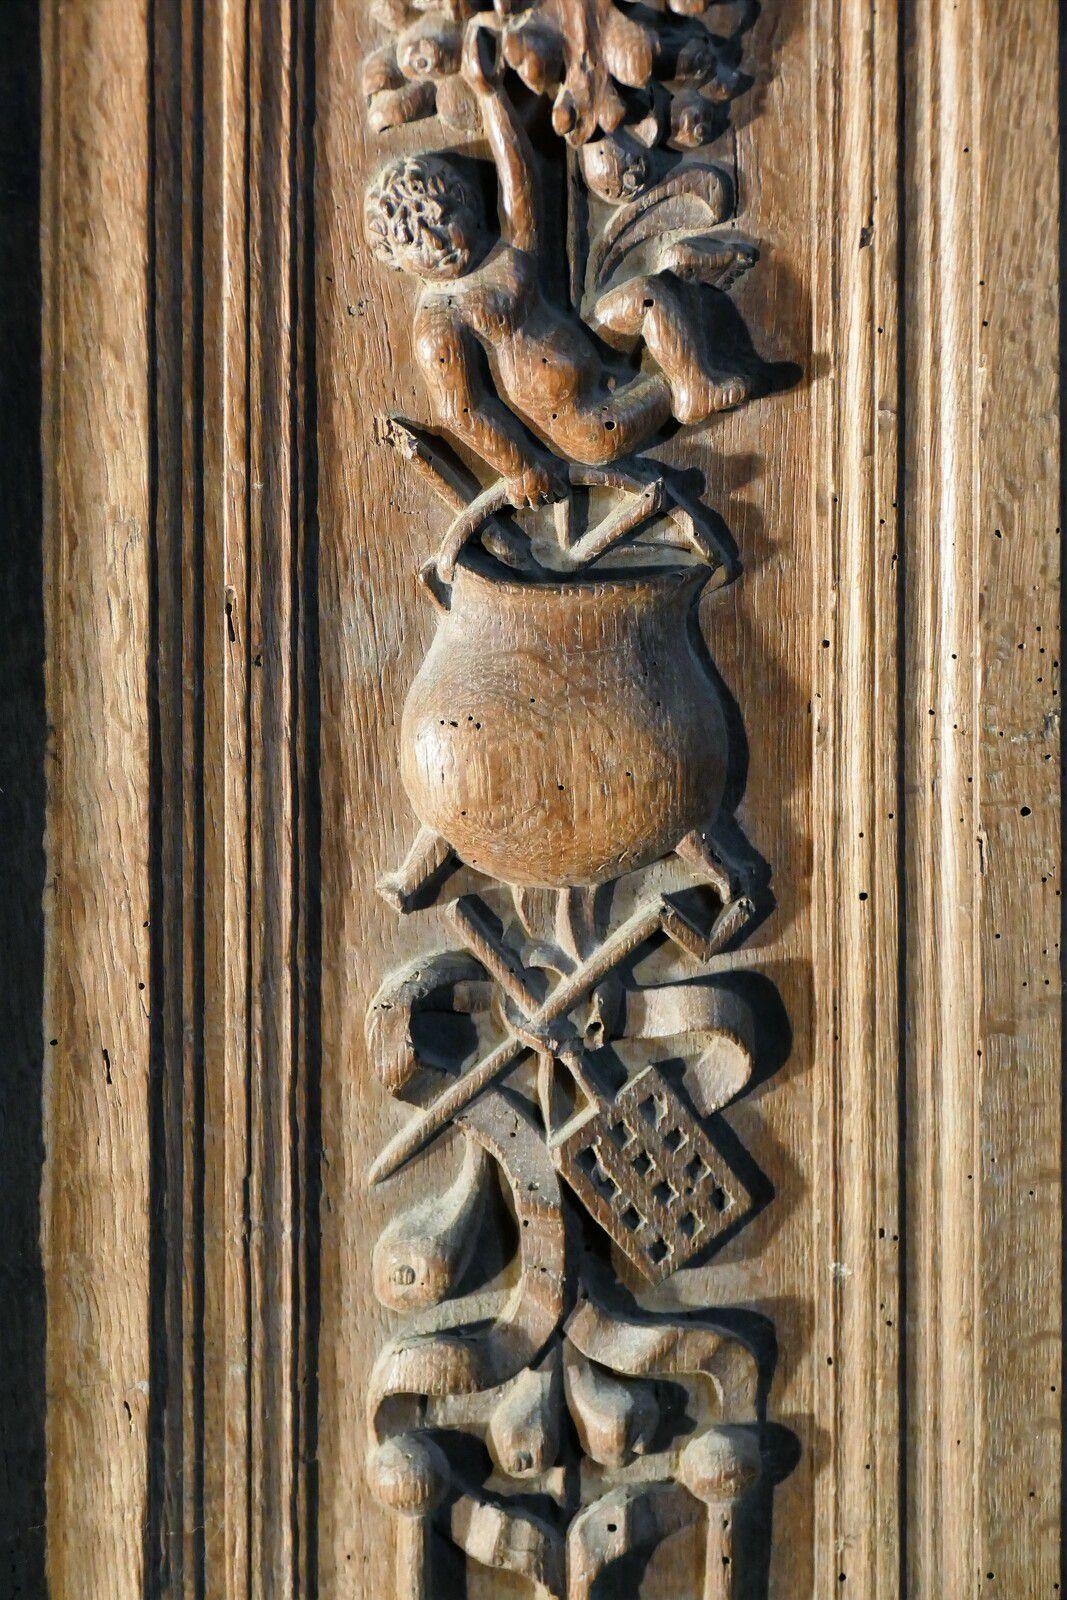 Clôture de chœur ( chêne, vers 1570) de la chapelle Saint-Herbot. Photographie lavieb-aile 4 août 2021.